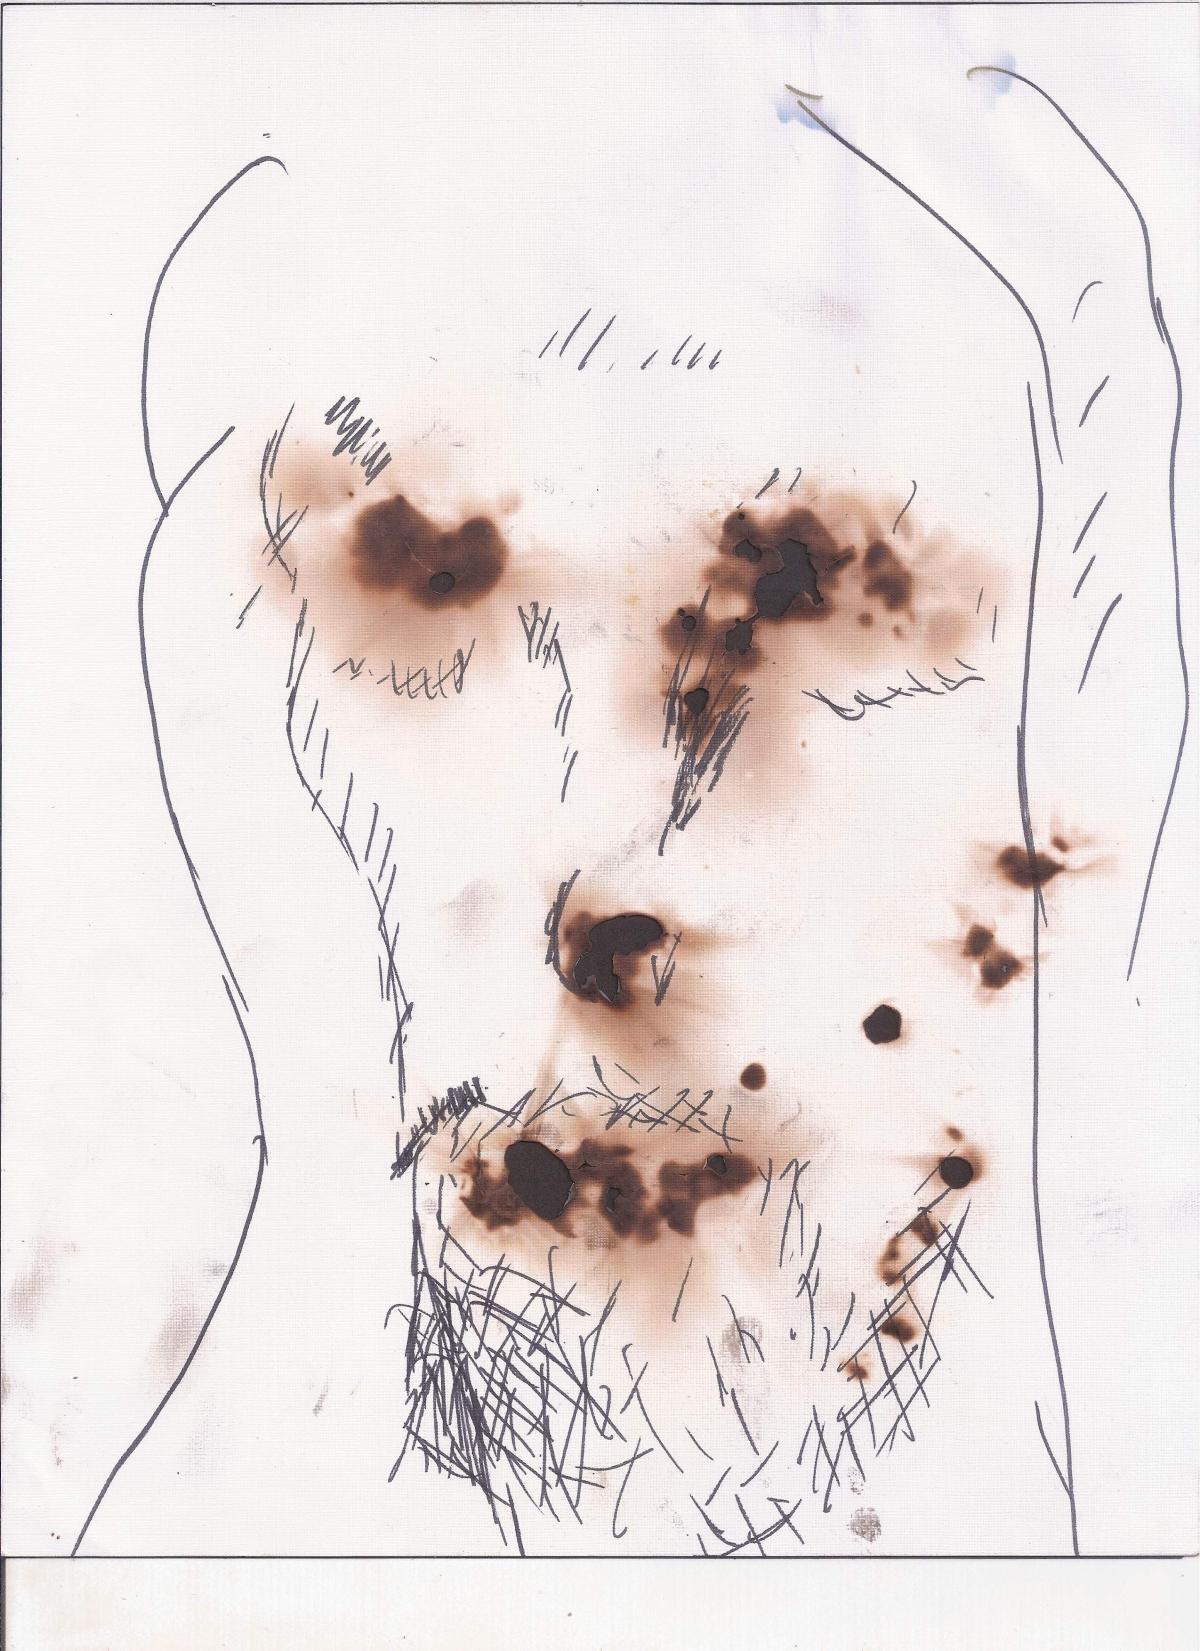 Abstracción del rostro Humano #33